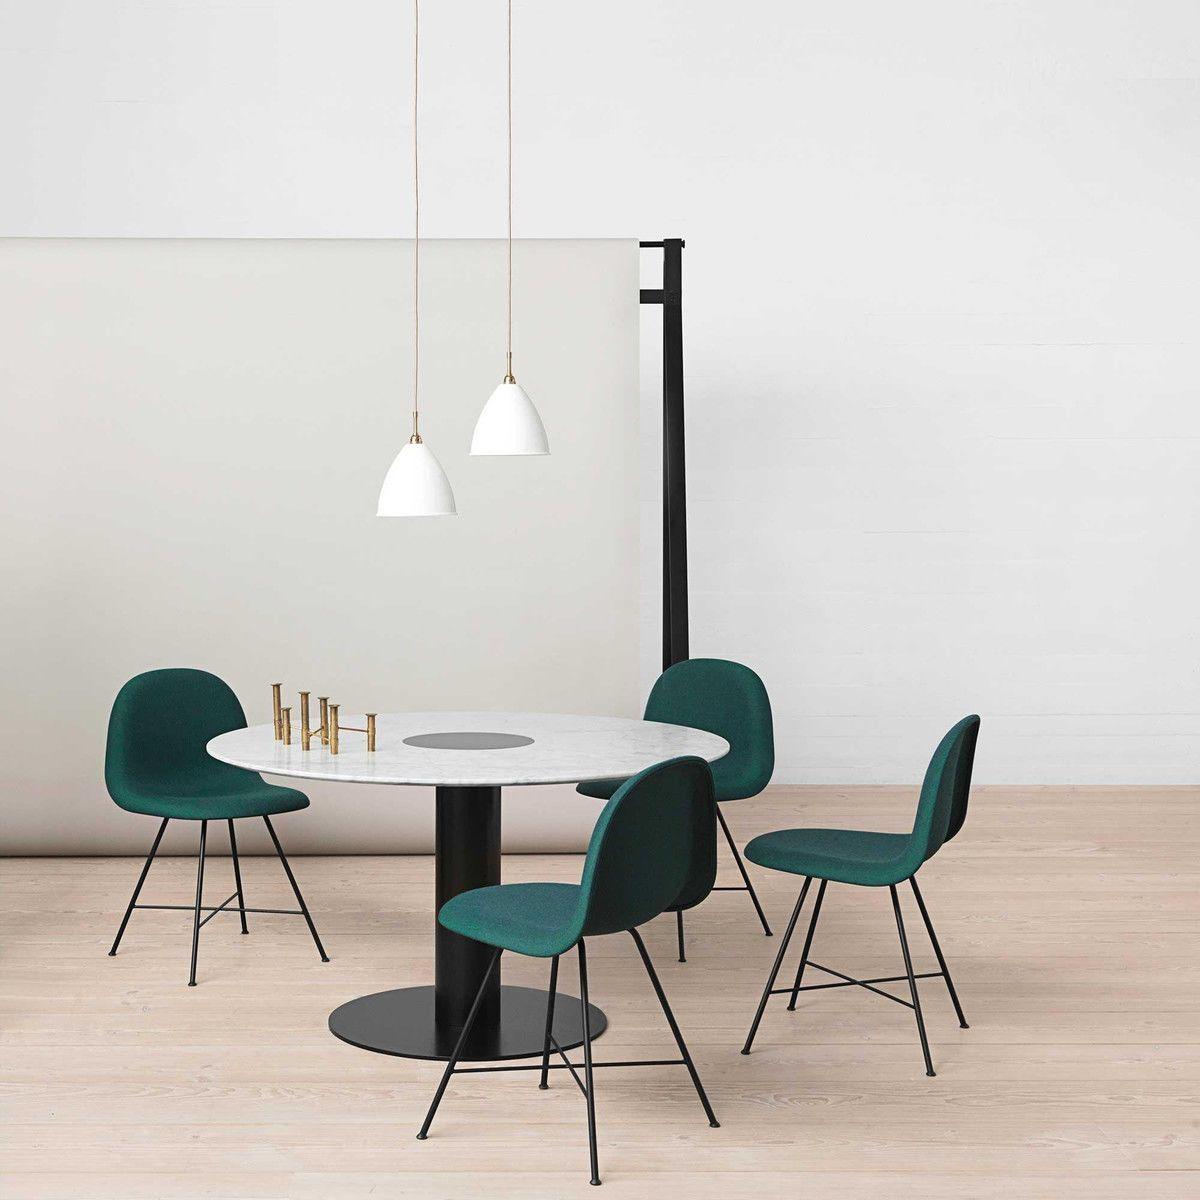 2 0 dining table tisch gestell schwarz 110cm gubi. Black Bedroom Furniture Sets. Home Design Ideas